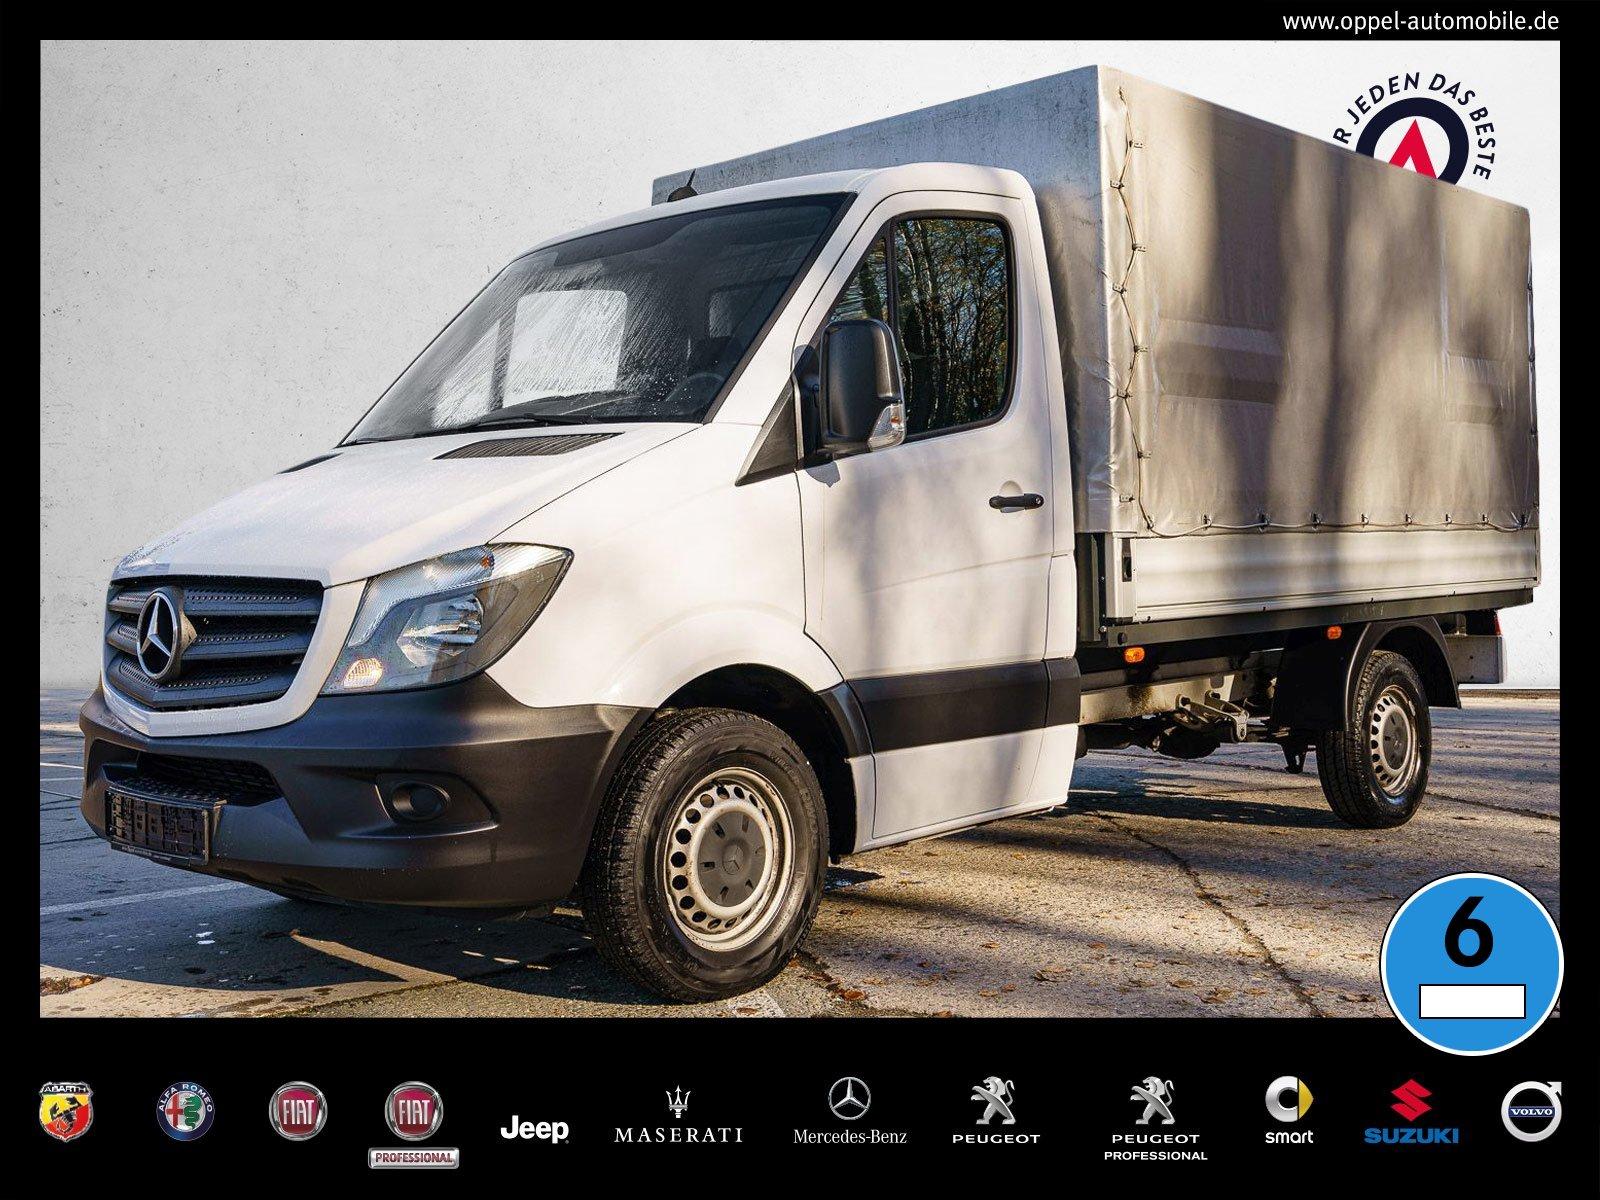 Mercedes-Benz Sprinter 214 CDI Pritsche ANHÄNGERKUPPLUNG+KLIMA, Jahr 2017, Diesel